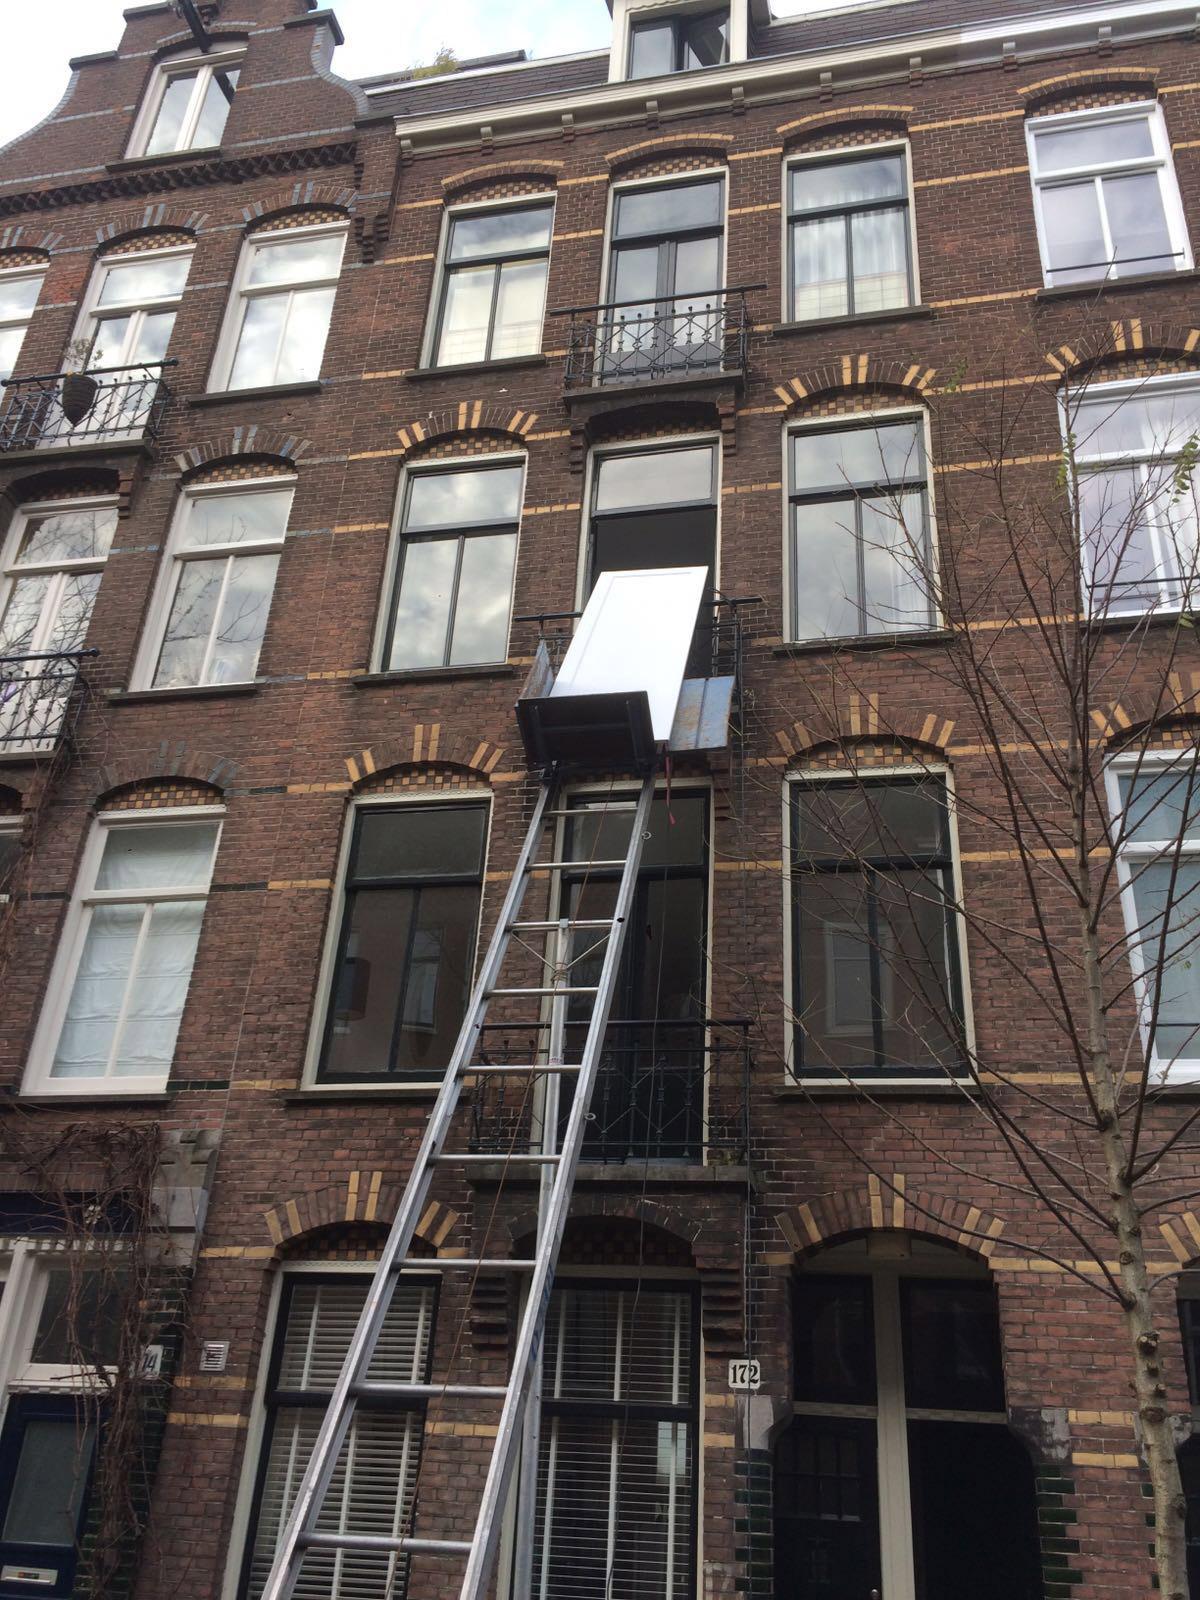 https://vandijktimmerwerken.nl/images/gallery/interieurbouw/timmerman-voor-interieur-bodegraven-van-dijk-03.jpg